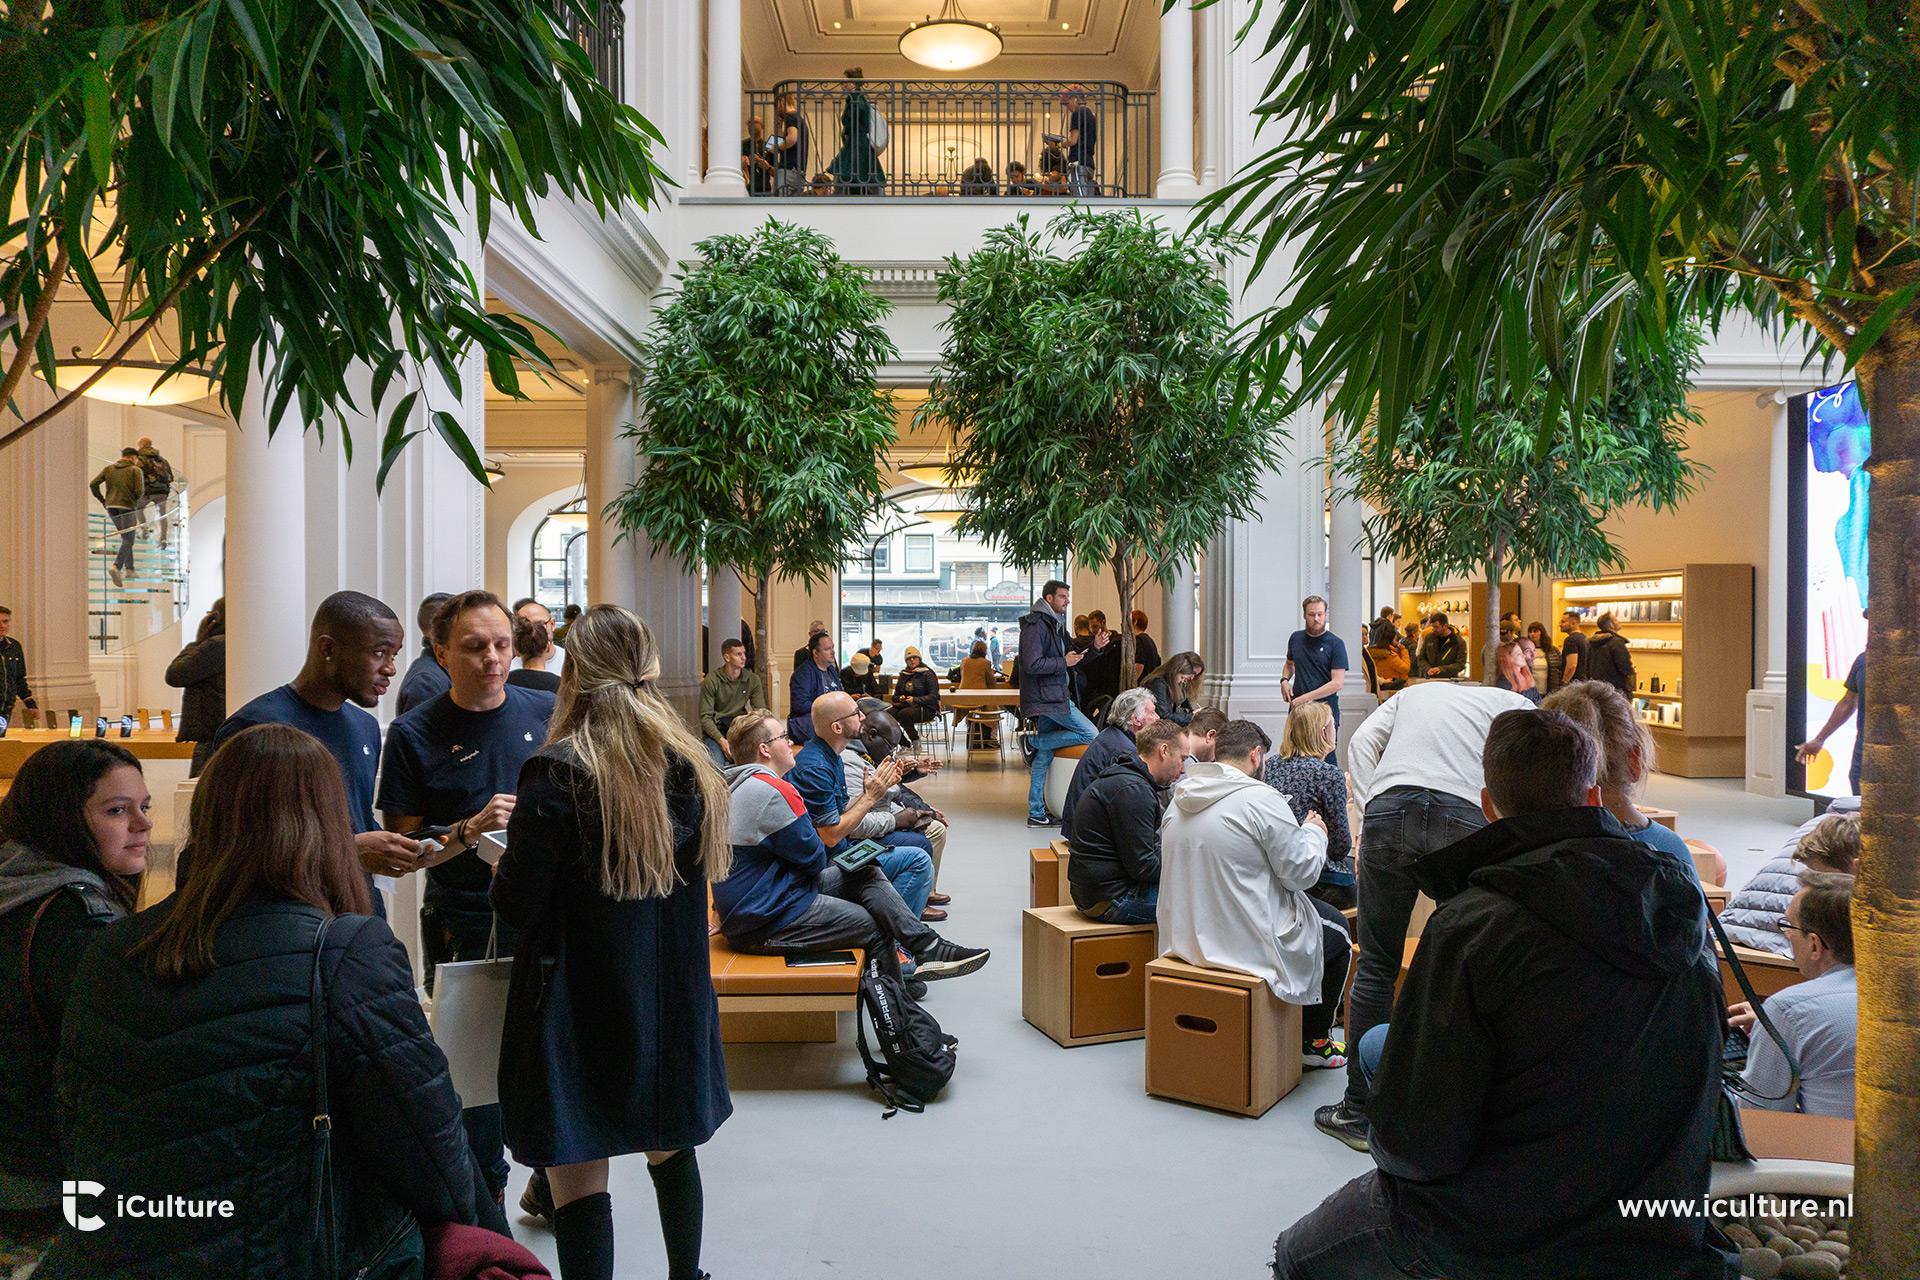 Today at Apple-sessie in het nieuwe Forum in de Apple Store Amsterdam.